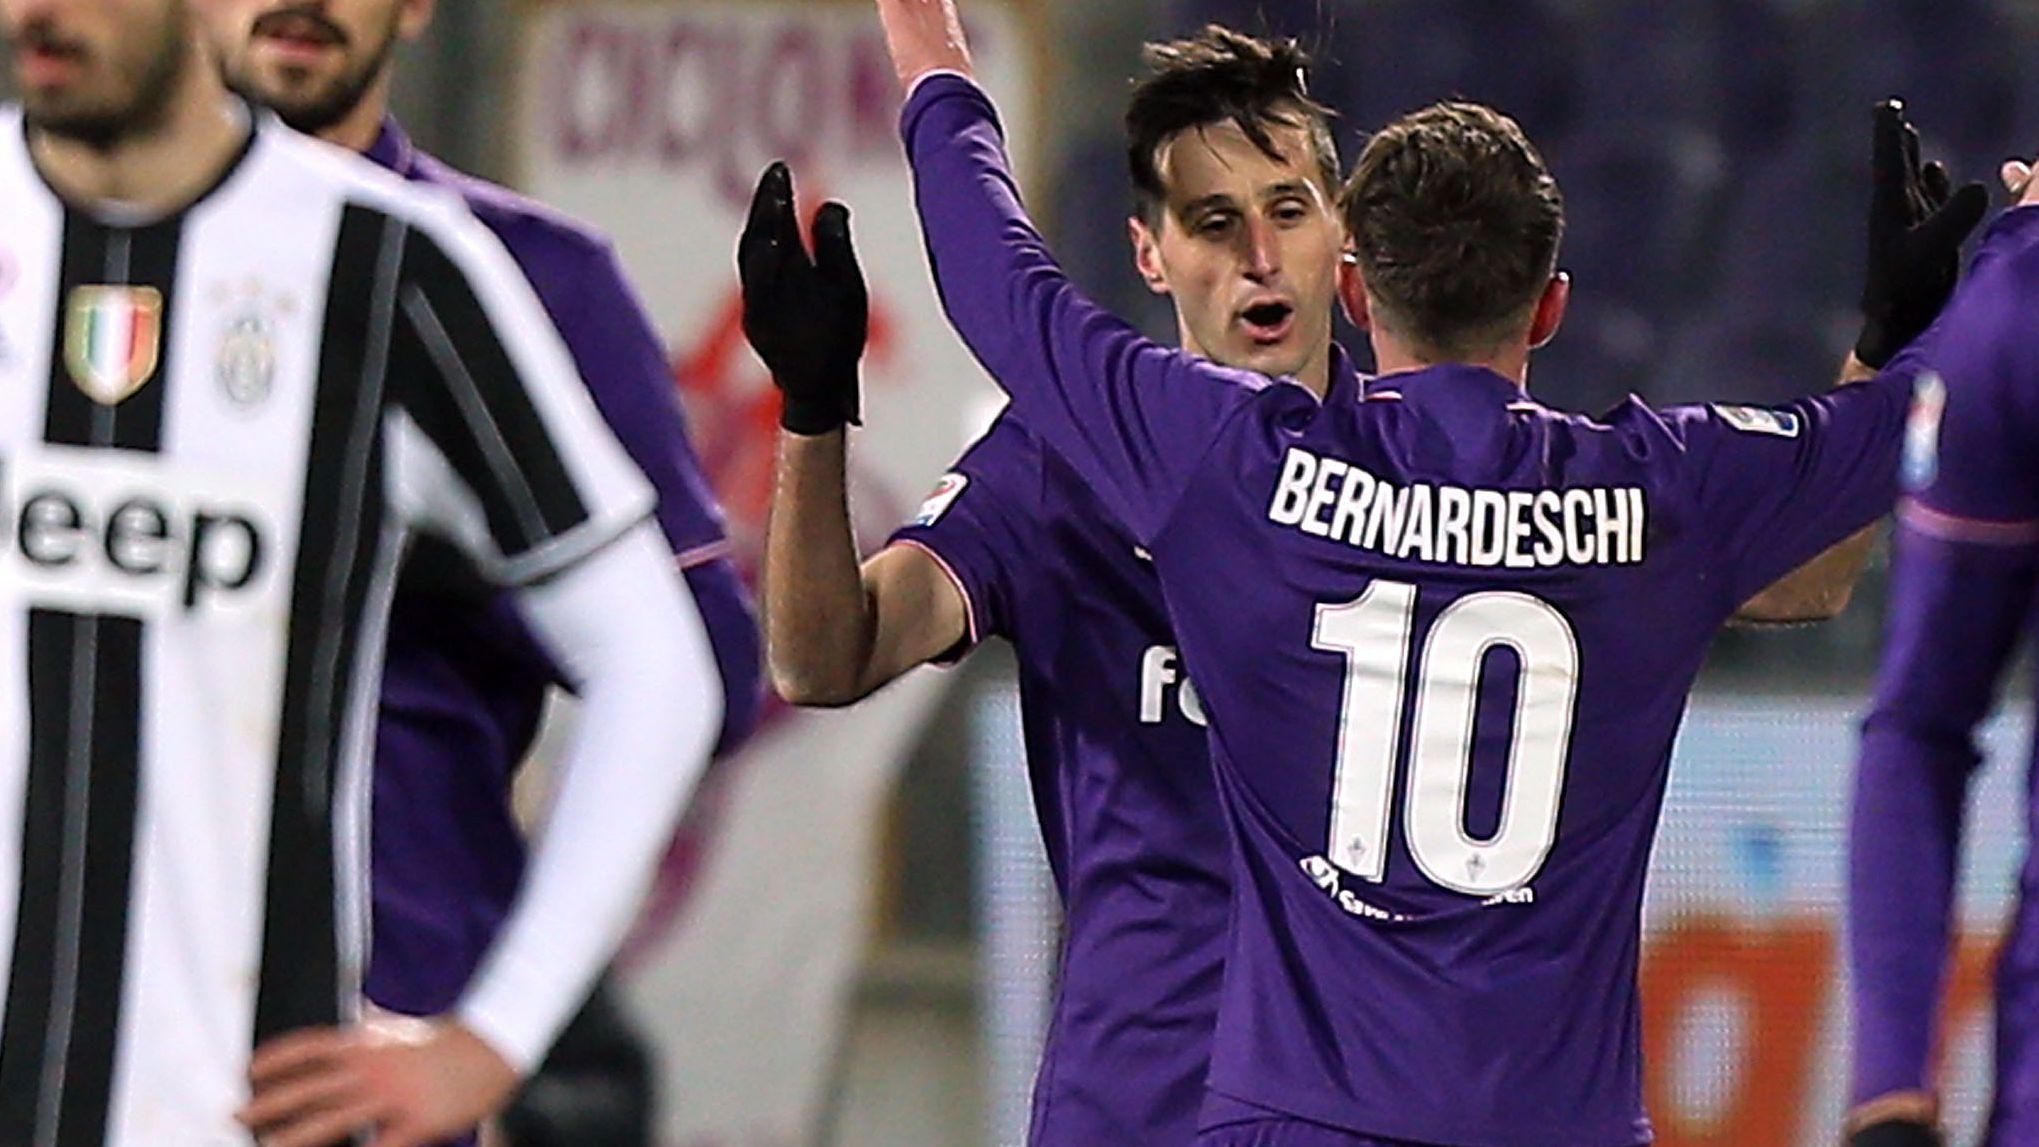 Pres. Fiorentina: